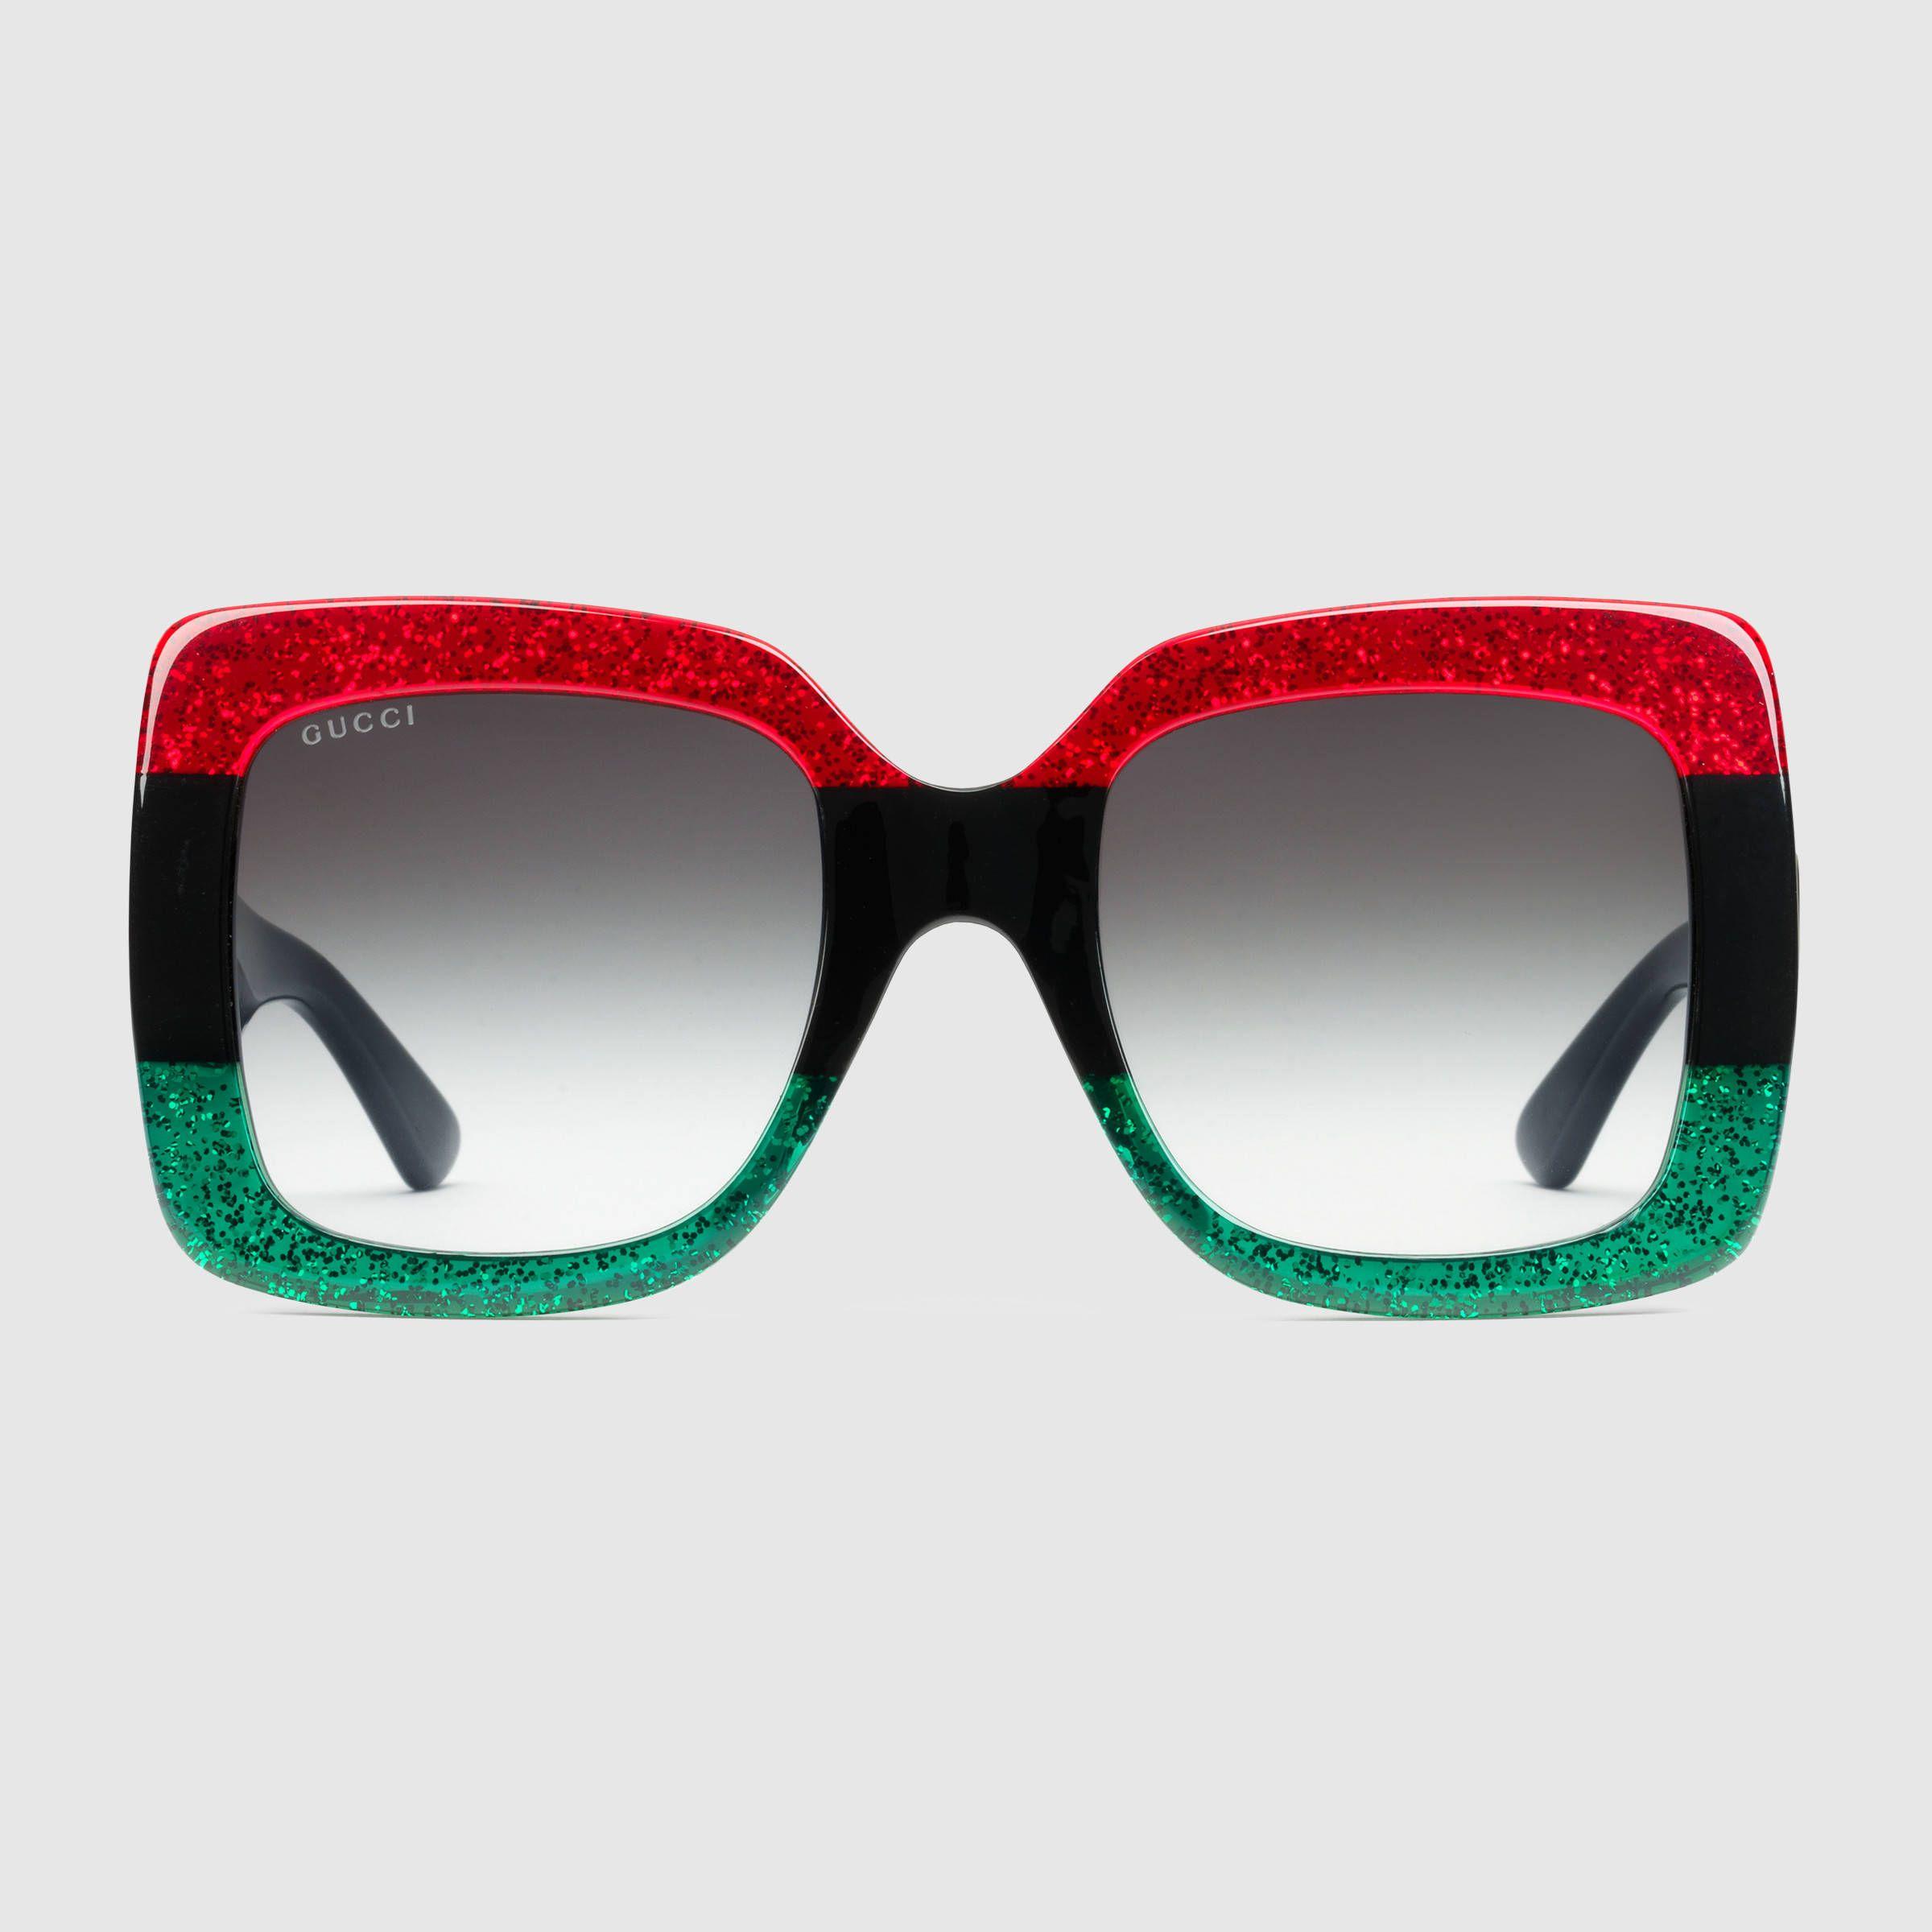 5870fad8ec7 Square-frame acetate sunglasses - Gucci Women s Sunglasses .